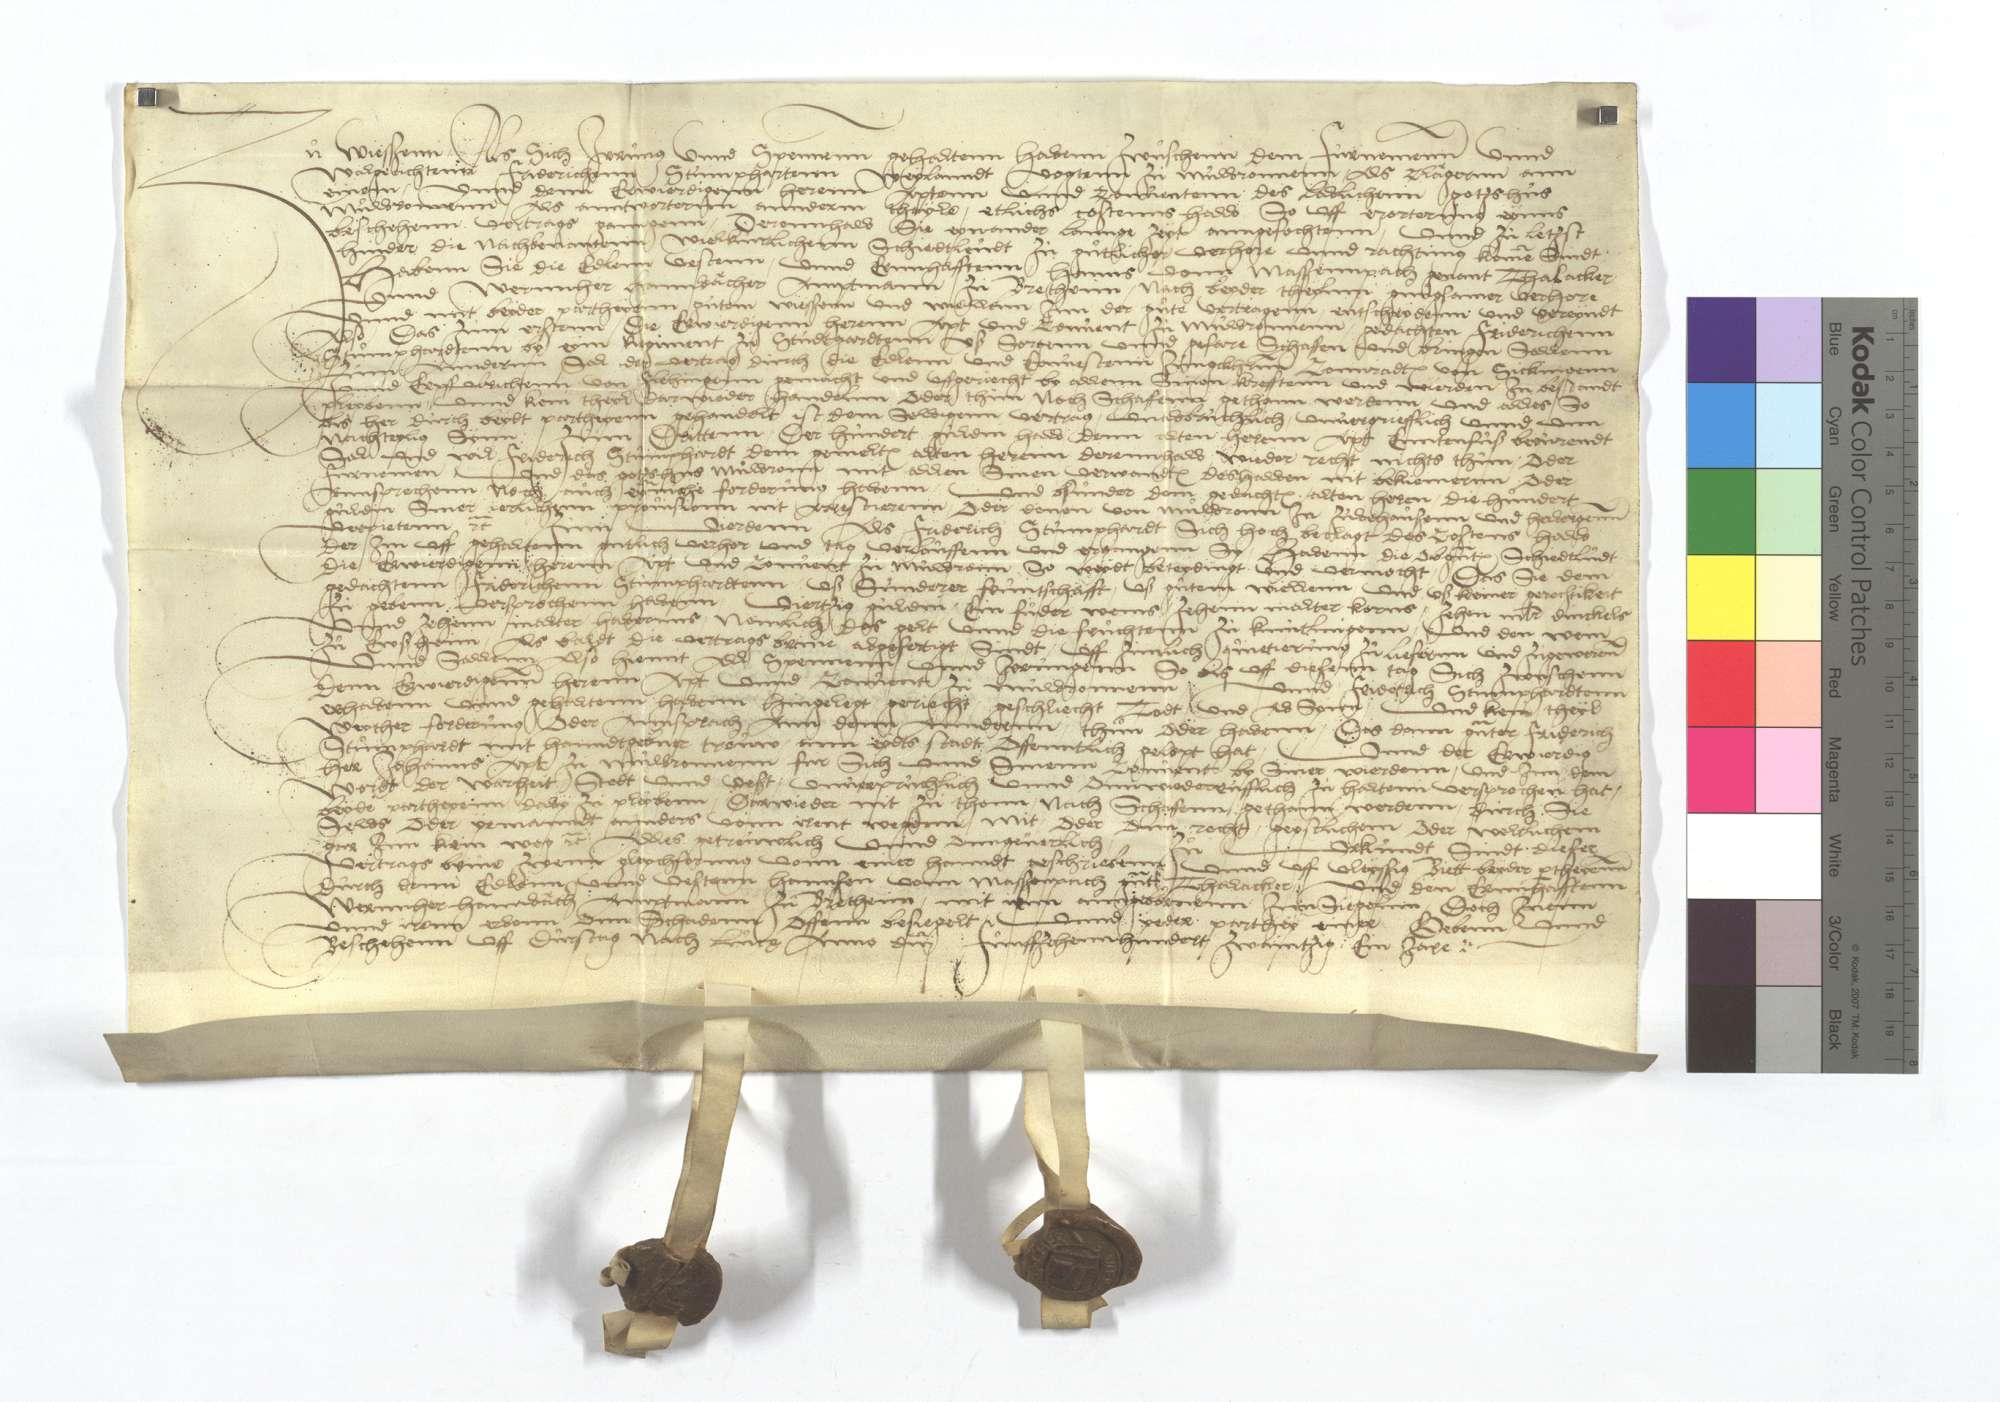 Vertrag zwischen dem Kloster Maulbronn und dem zwischen Vogt Stumphardt dort wegen etlichen auf die Erörterung eines alten Vertrags gegangenen Kosten., Text